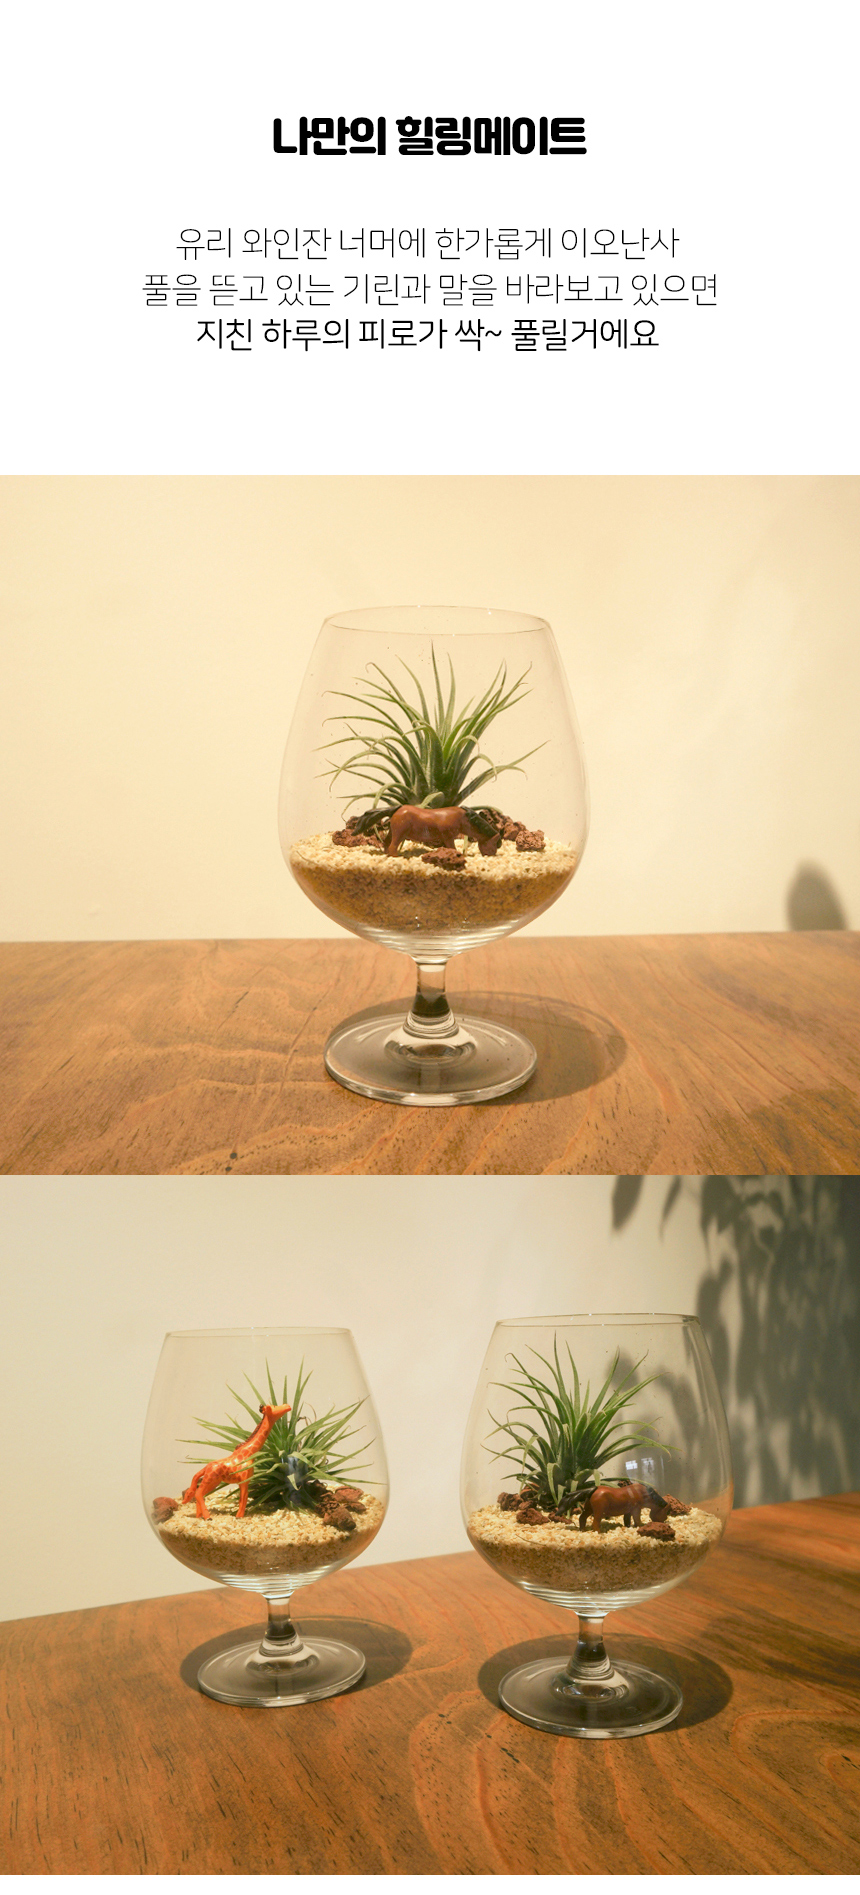 와인잔 이오난사 미니사막 DIY 세트 공기정화 먼지먹는 식물 - 세남자바스켓, 8,900원, 허브/다육/선인장, 공기정화식물